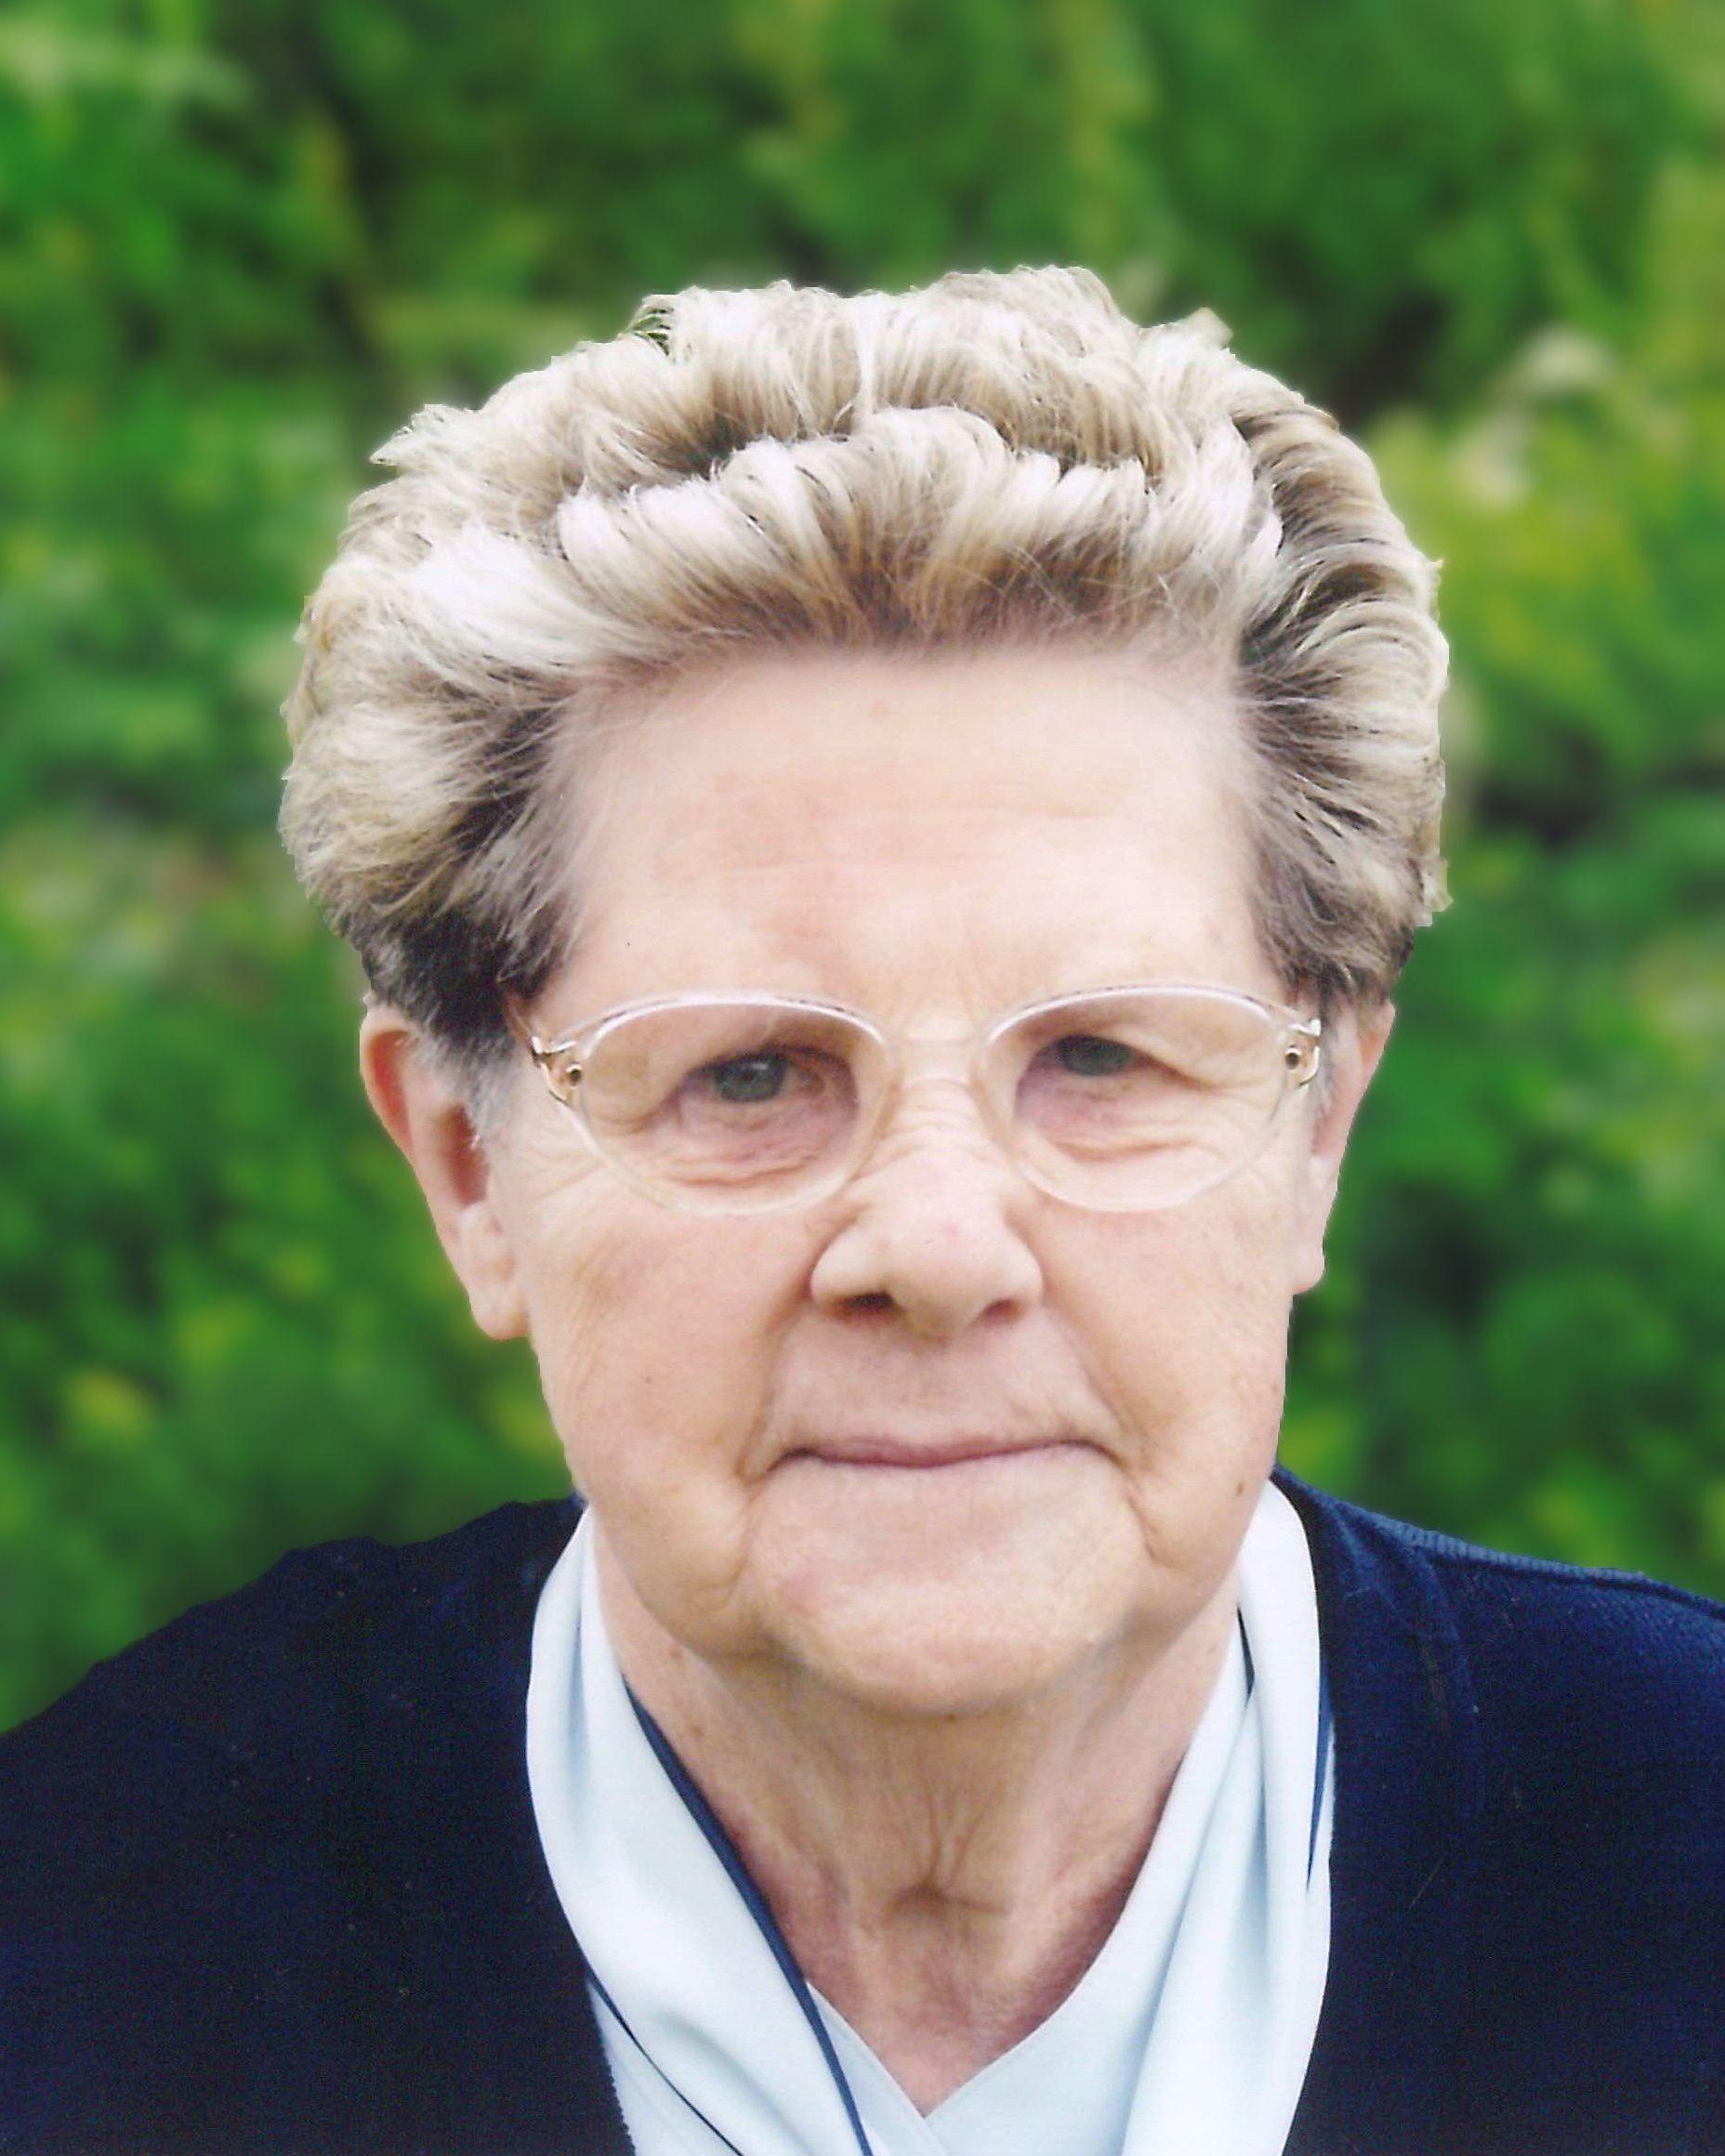 Jacqueline BOURDEAUX